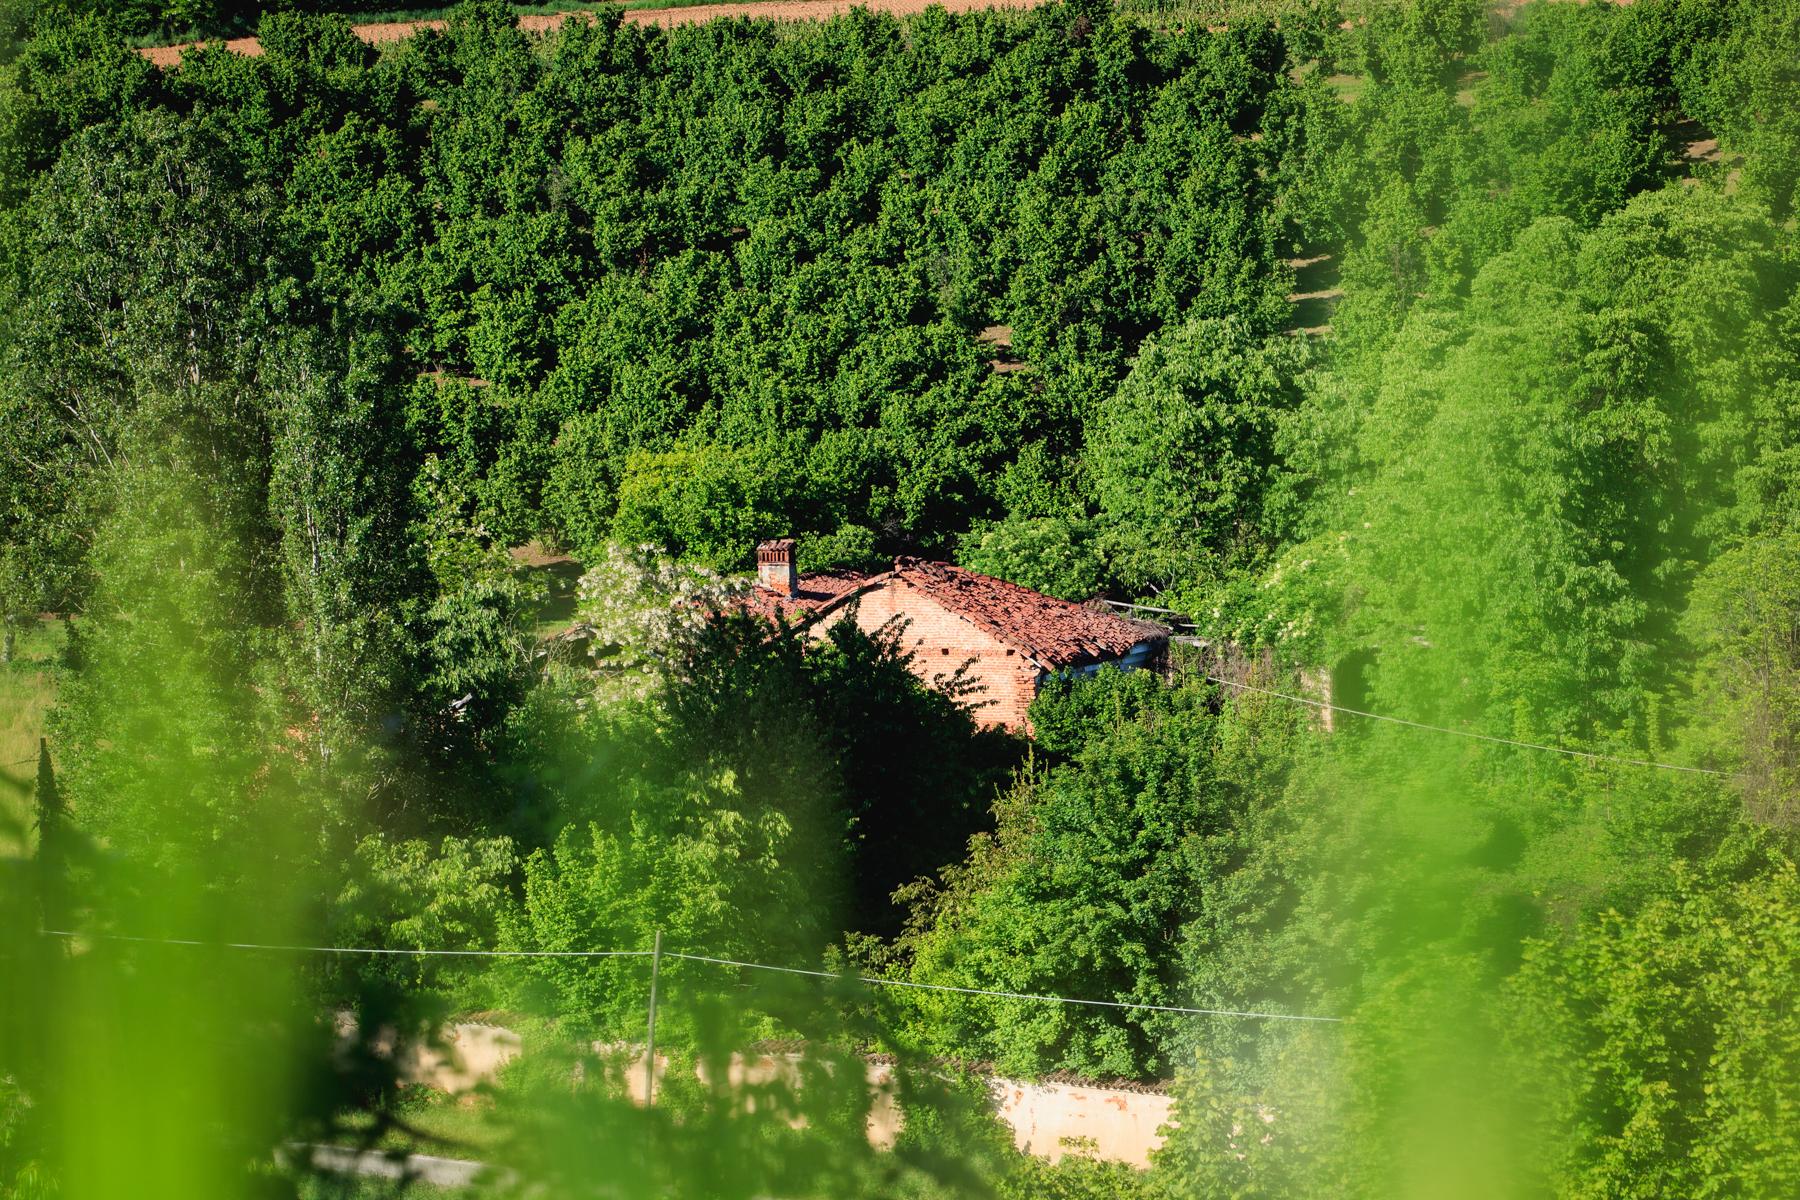 Rustico in Vendita a Chieri: 5 locali, 1500 mq - Foto 15